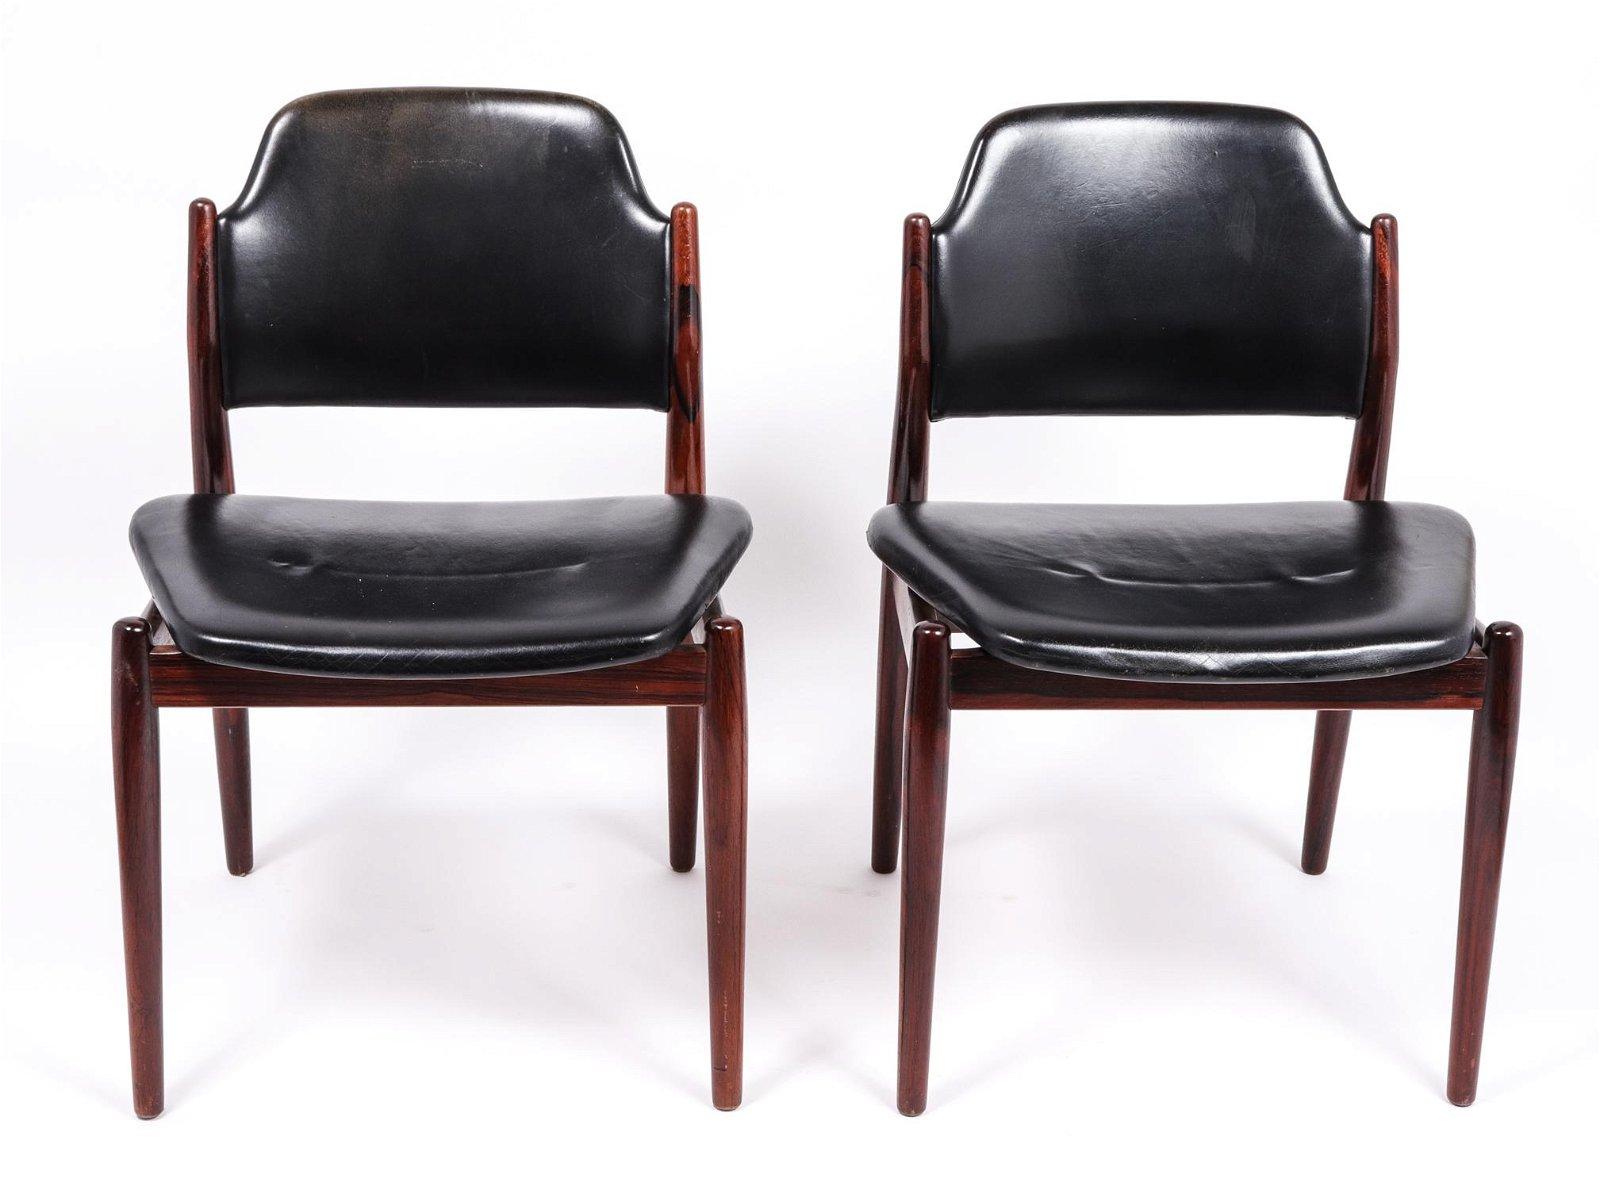 Arne Vodder for Sibast Danish Modern Side Chairs